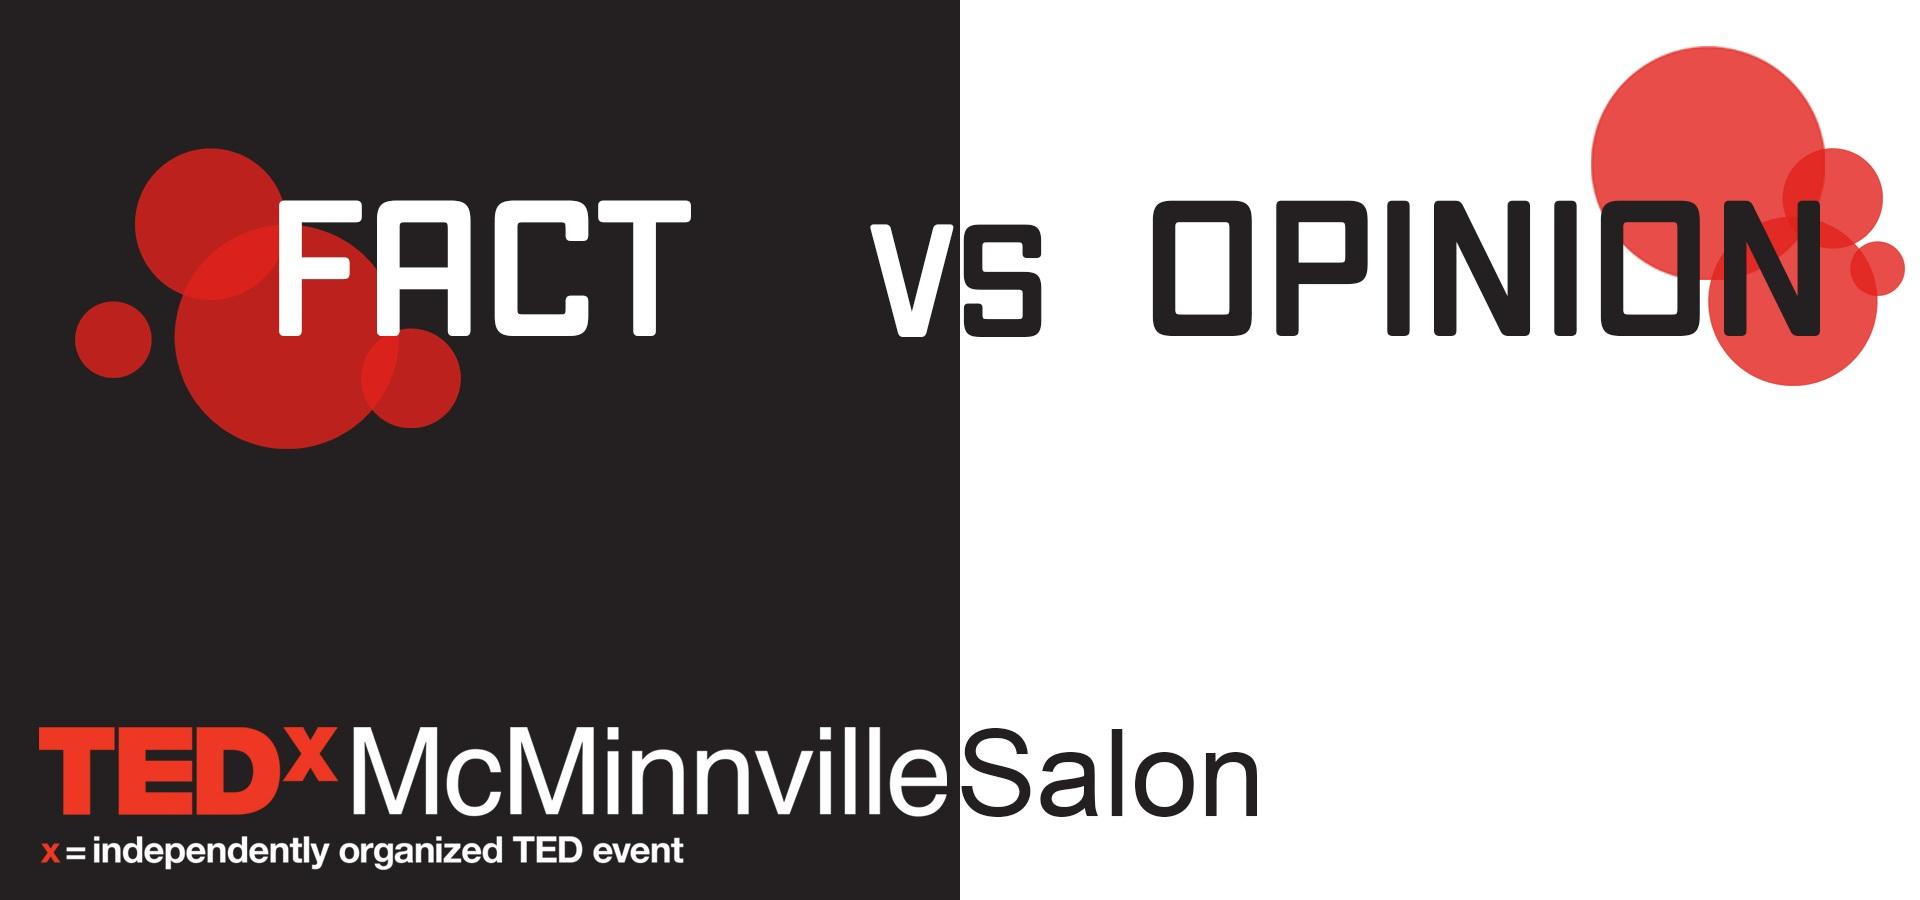 tedxmcminnville+salon+fact+v+opinion.jpg